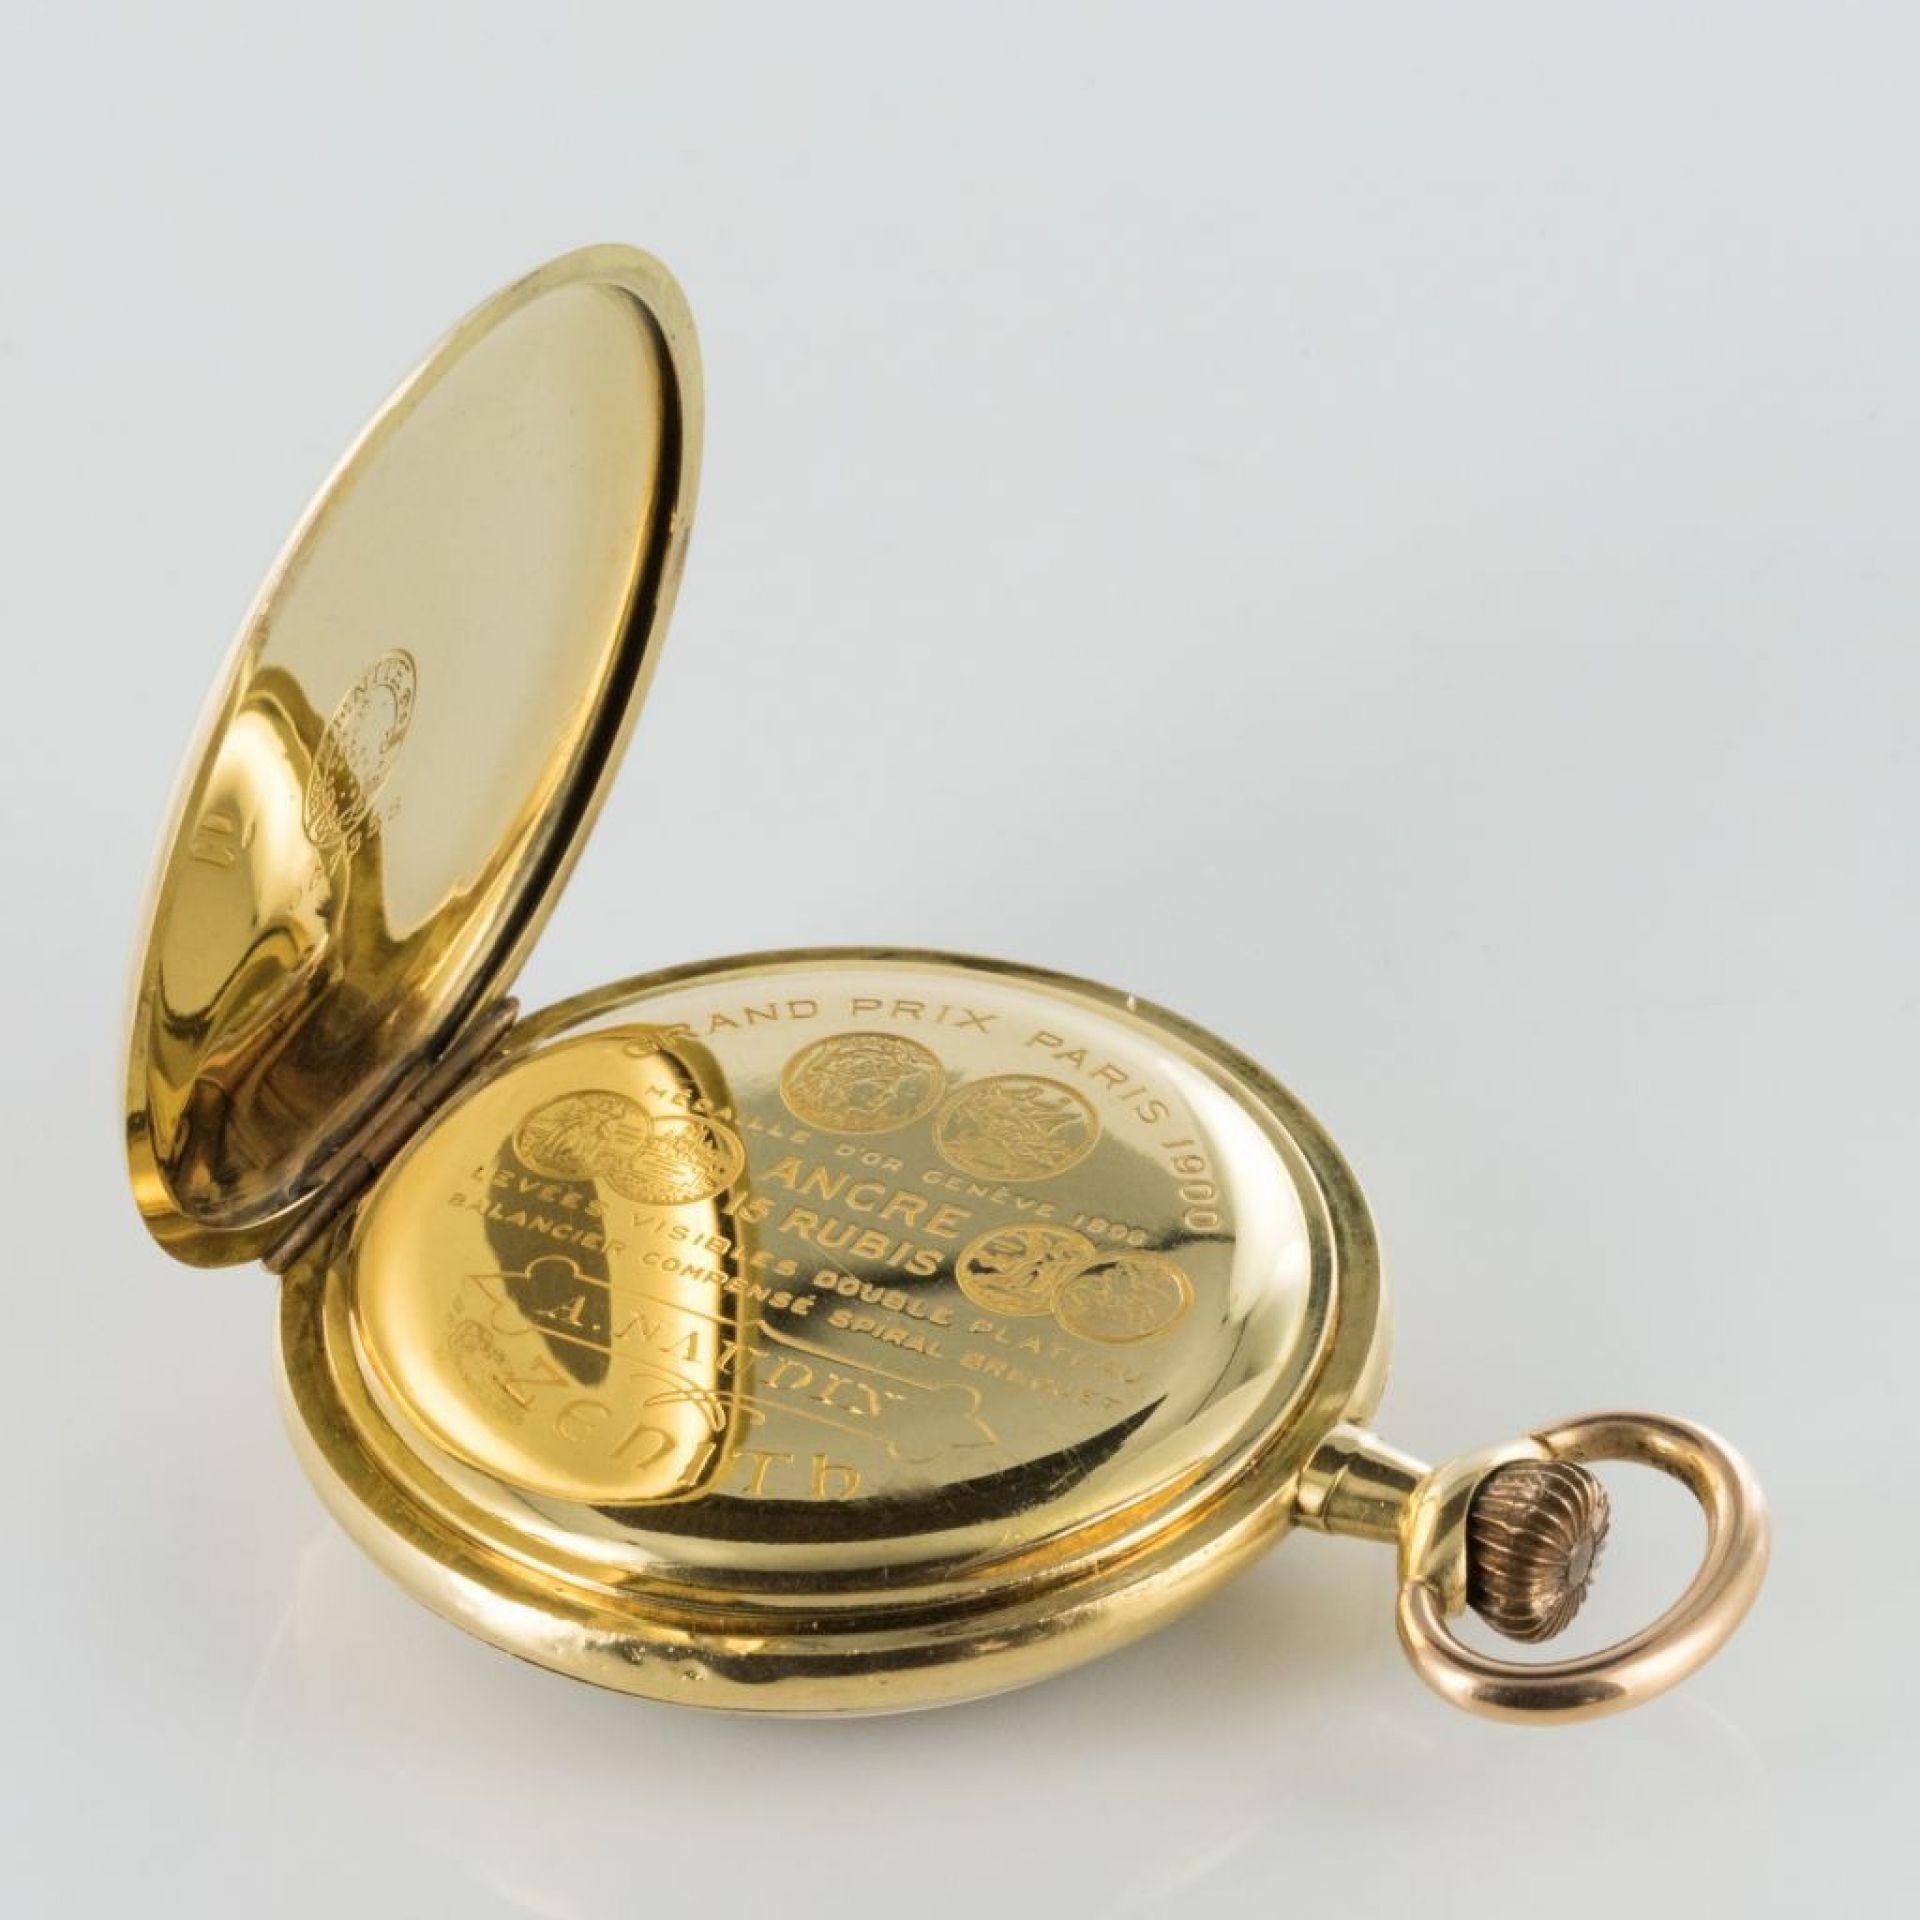 Zenith pocket watch